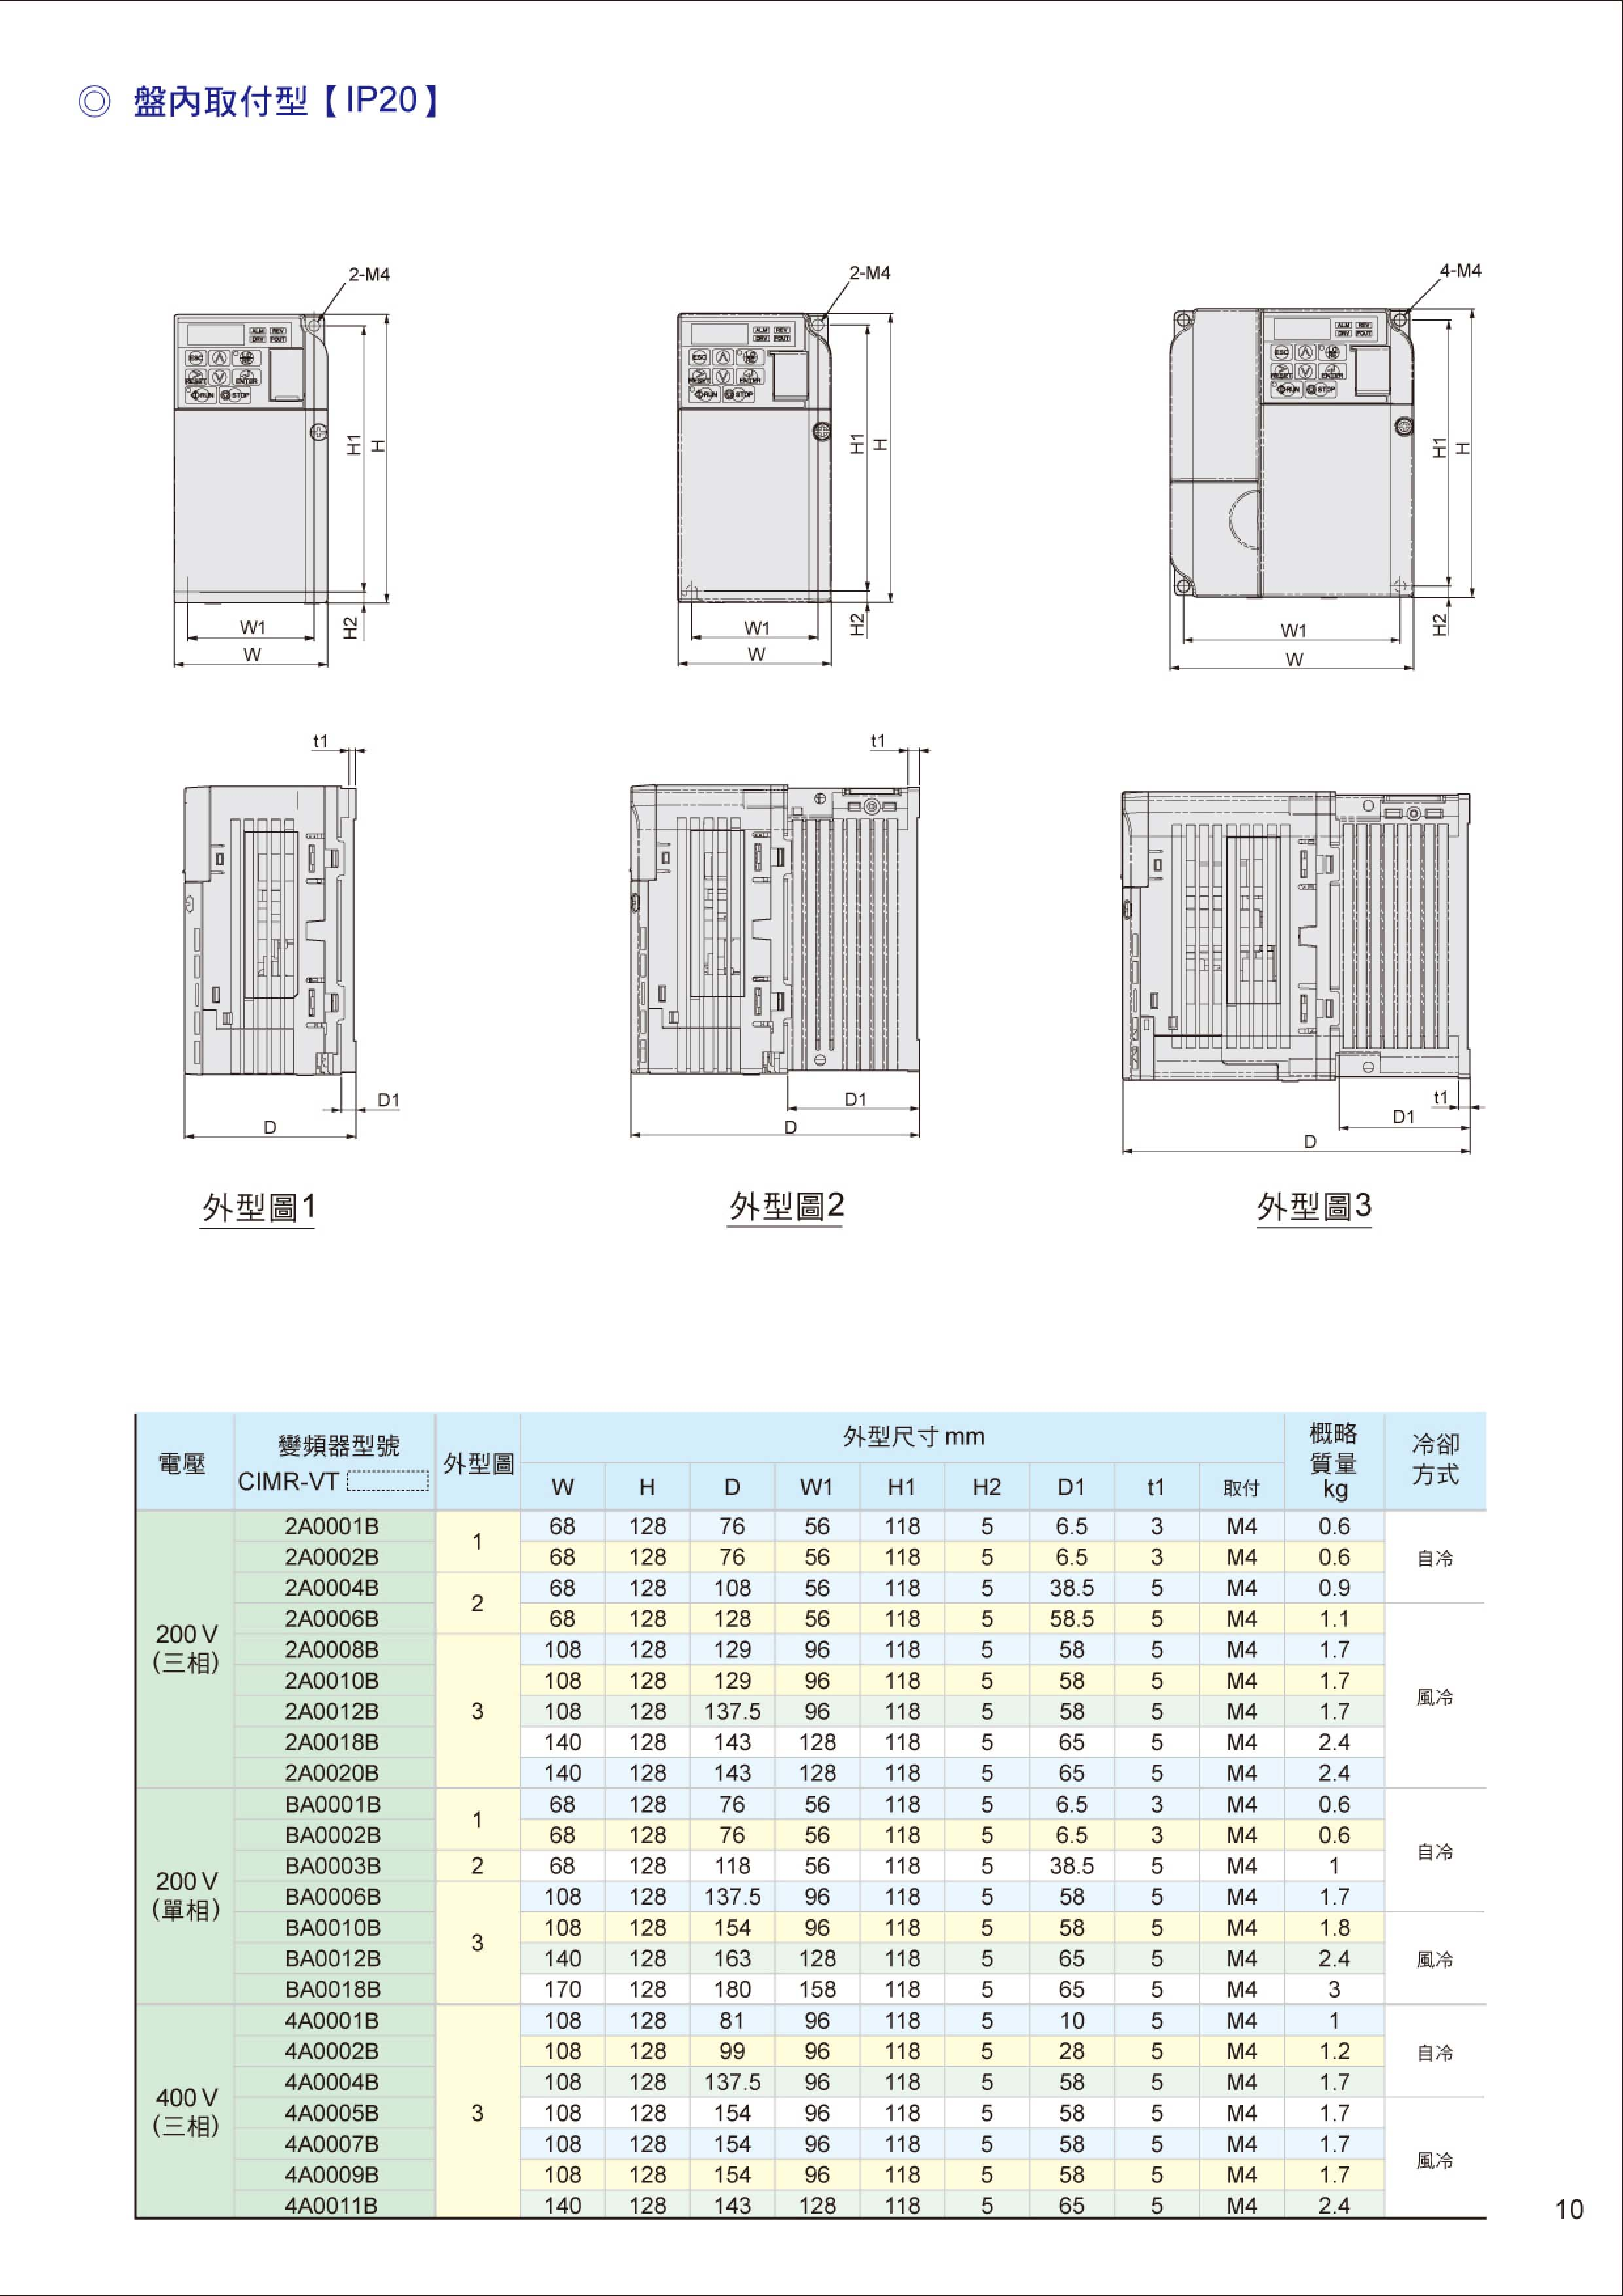 安川變頻器型錄-2012-07-11